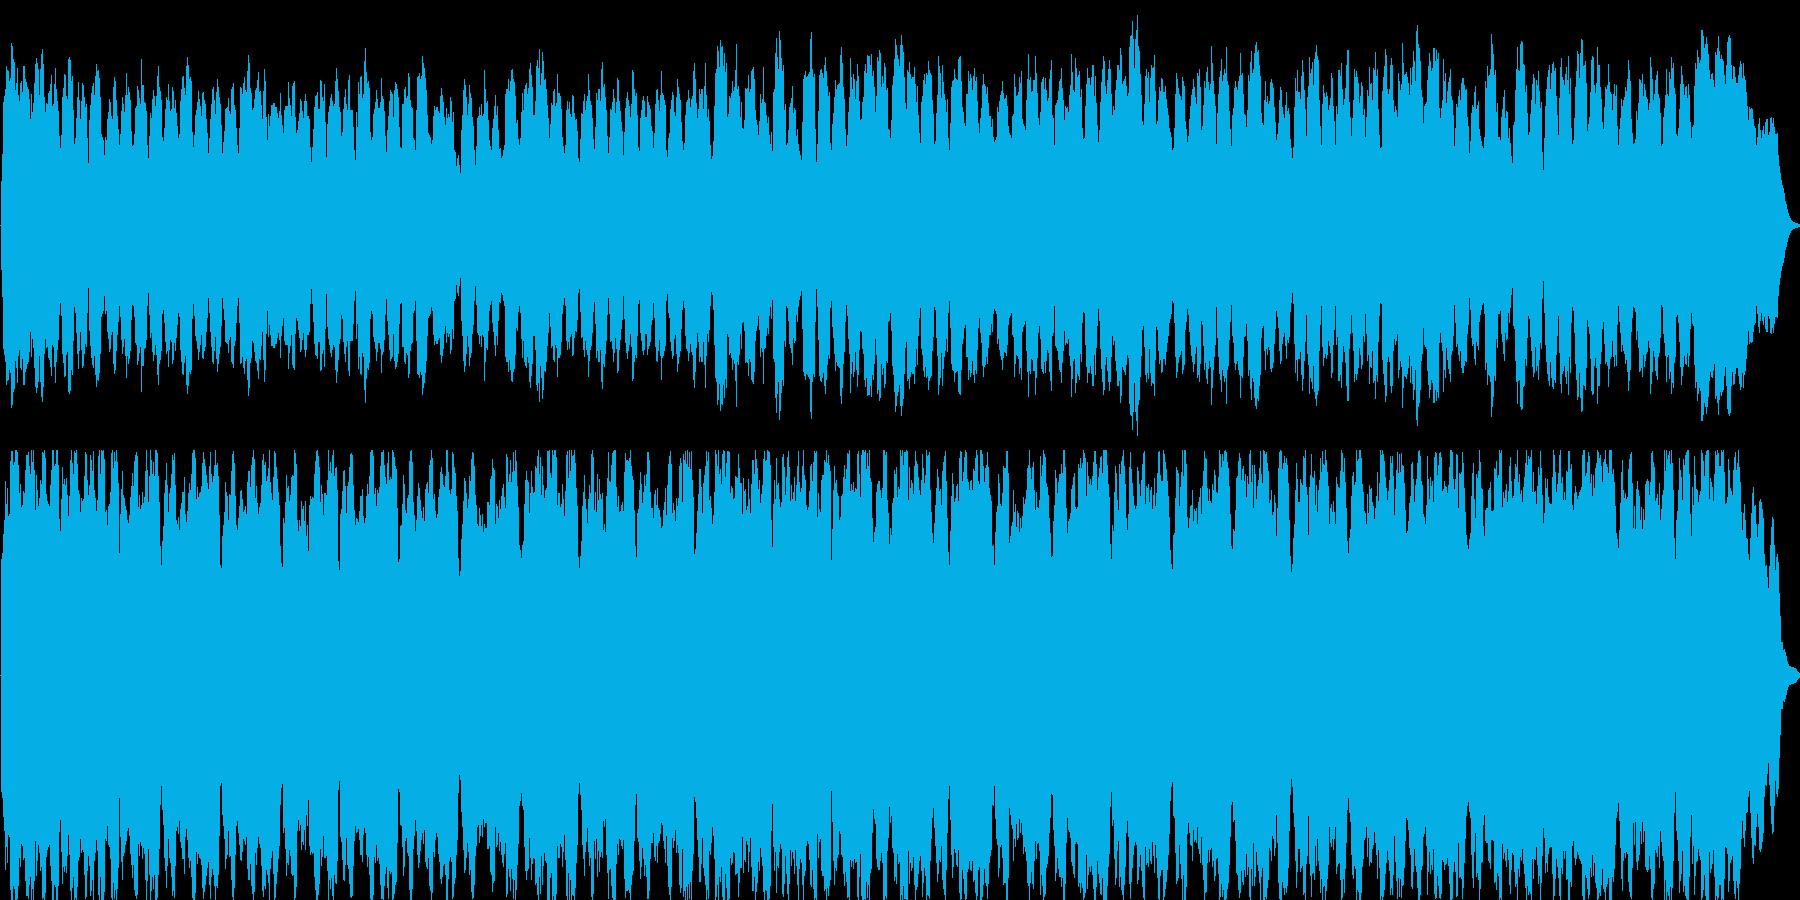 パイプオルガンの曲です。45秒ですの再生済みの波形